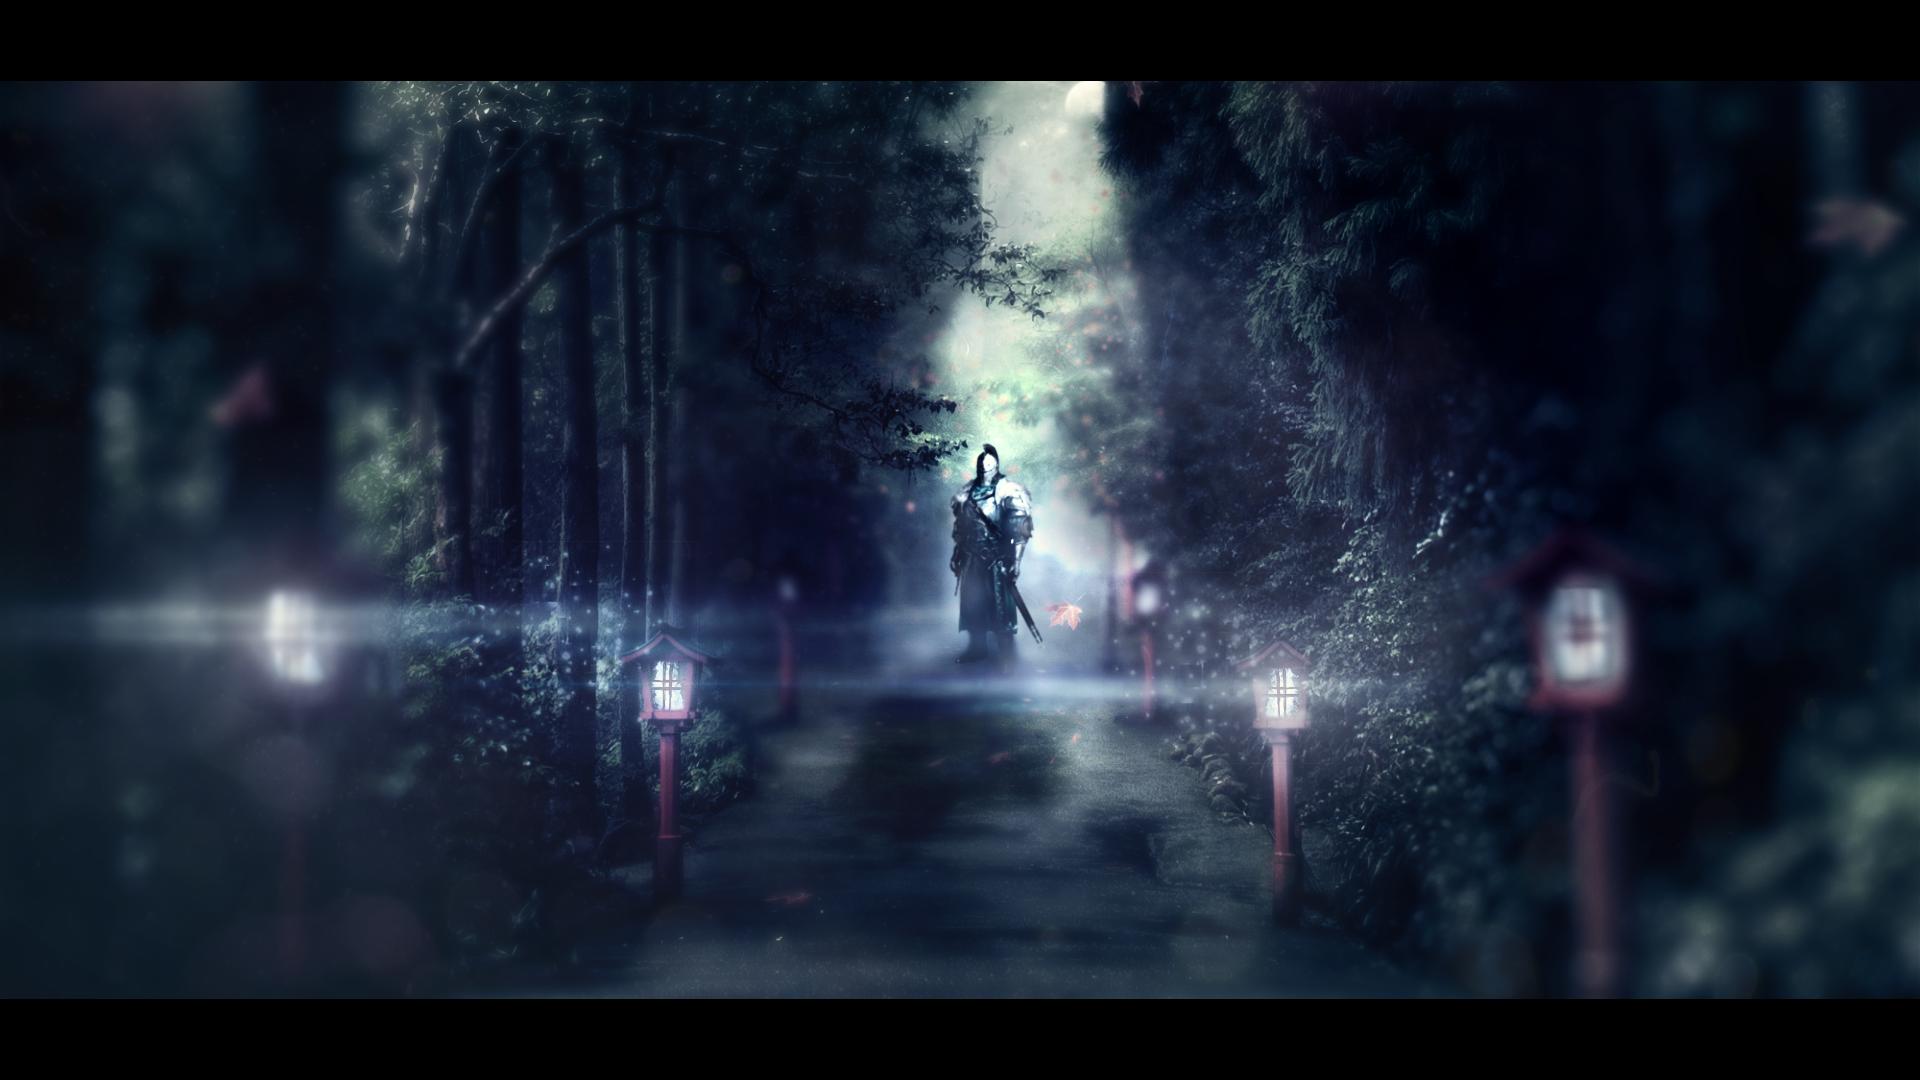 Dark Souls Wallpaper A4